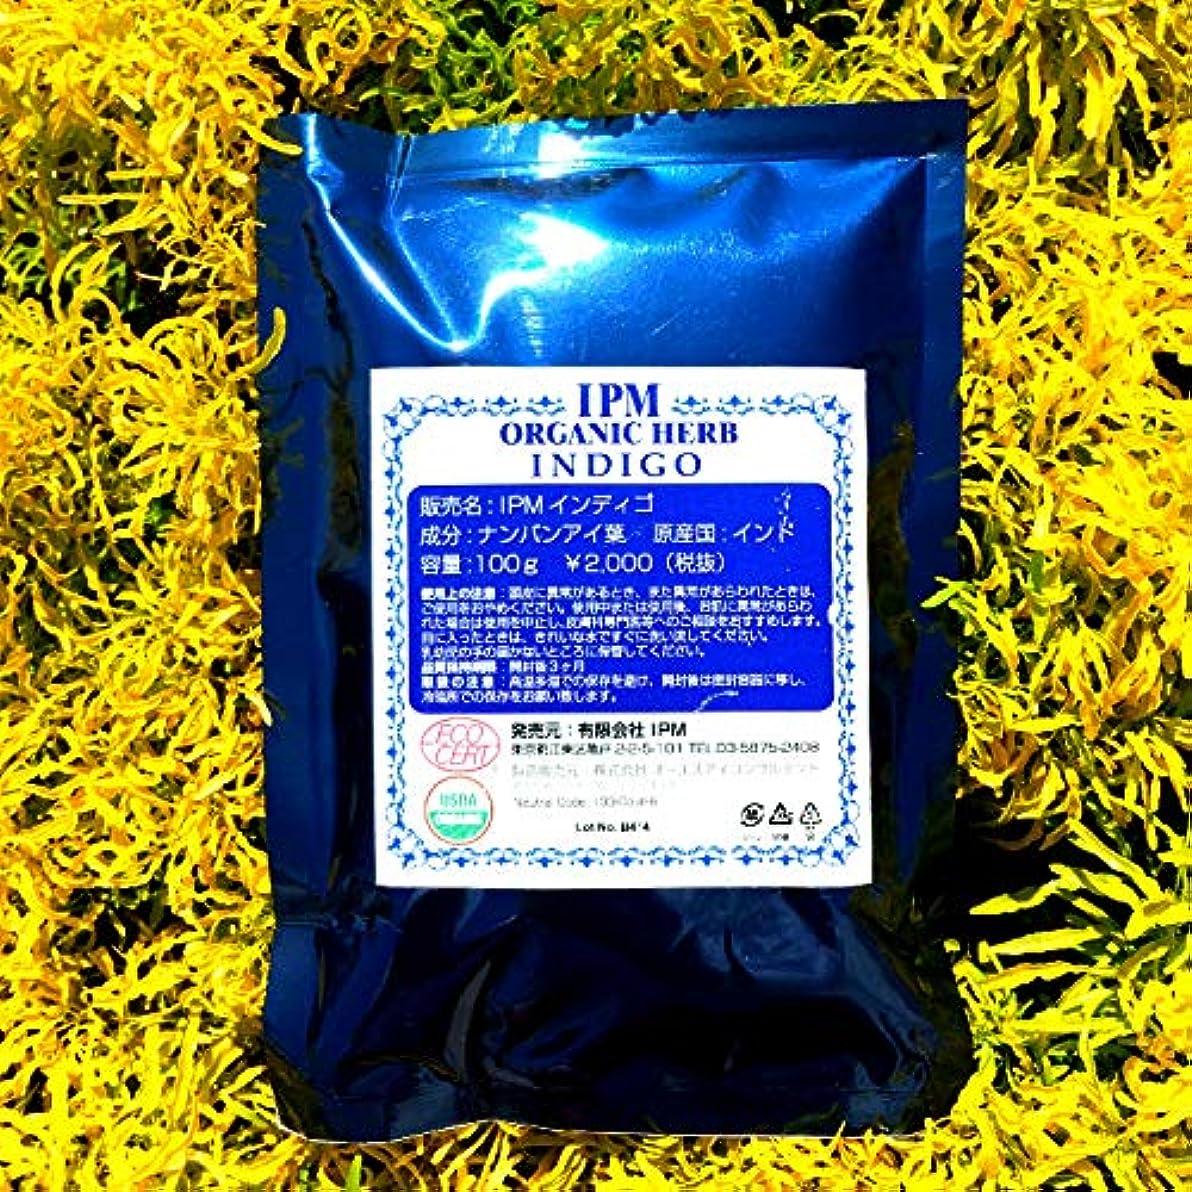 IPM インディゴ 100g (リーフレットつき)